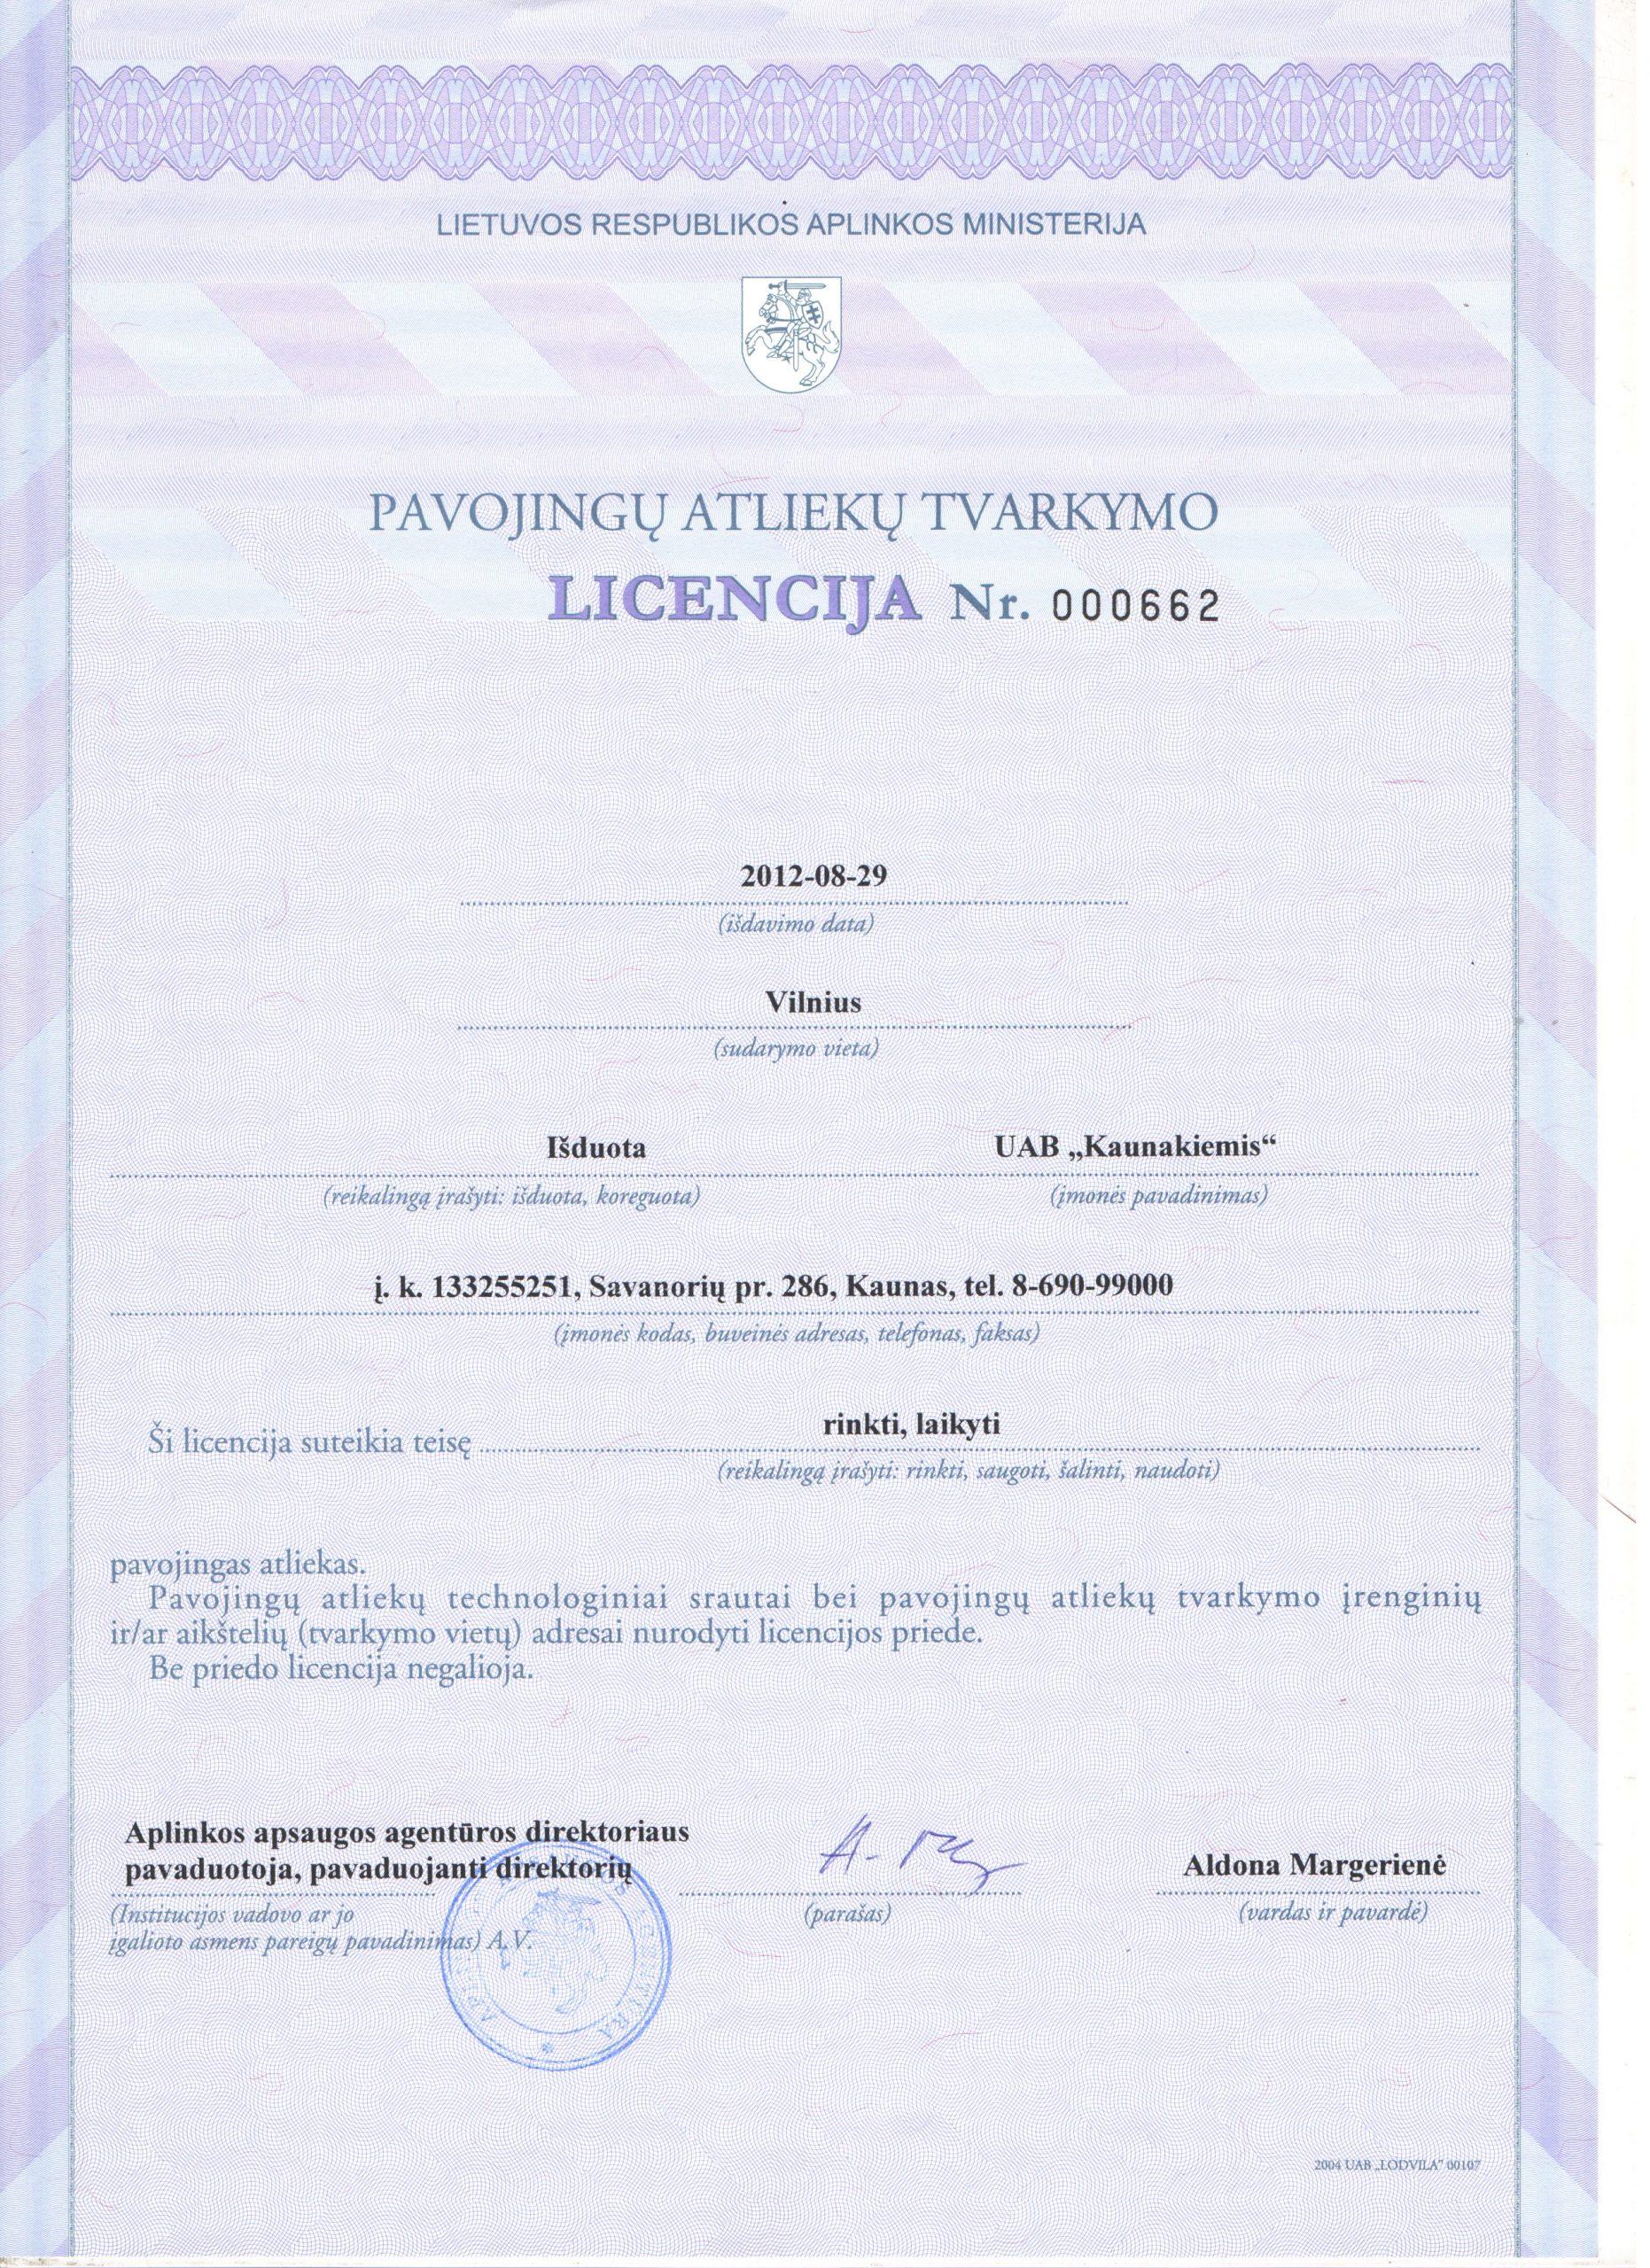 Pavojingų atliekų tvarkymo licencija